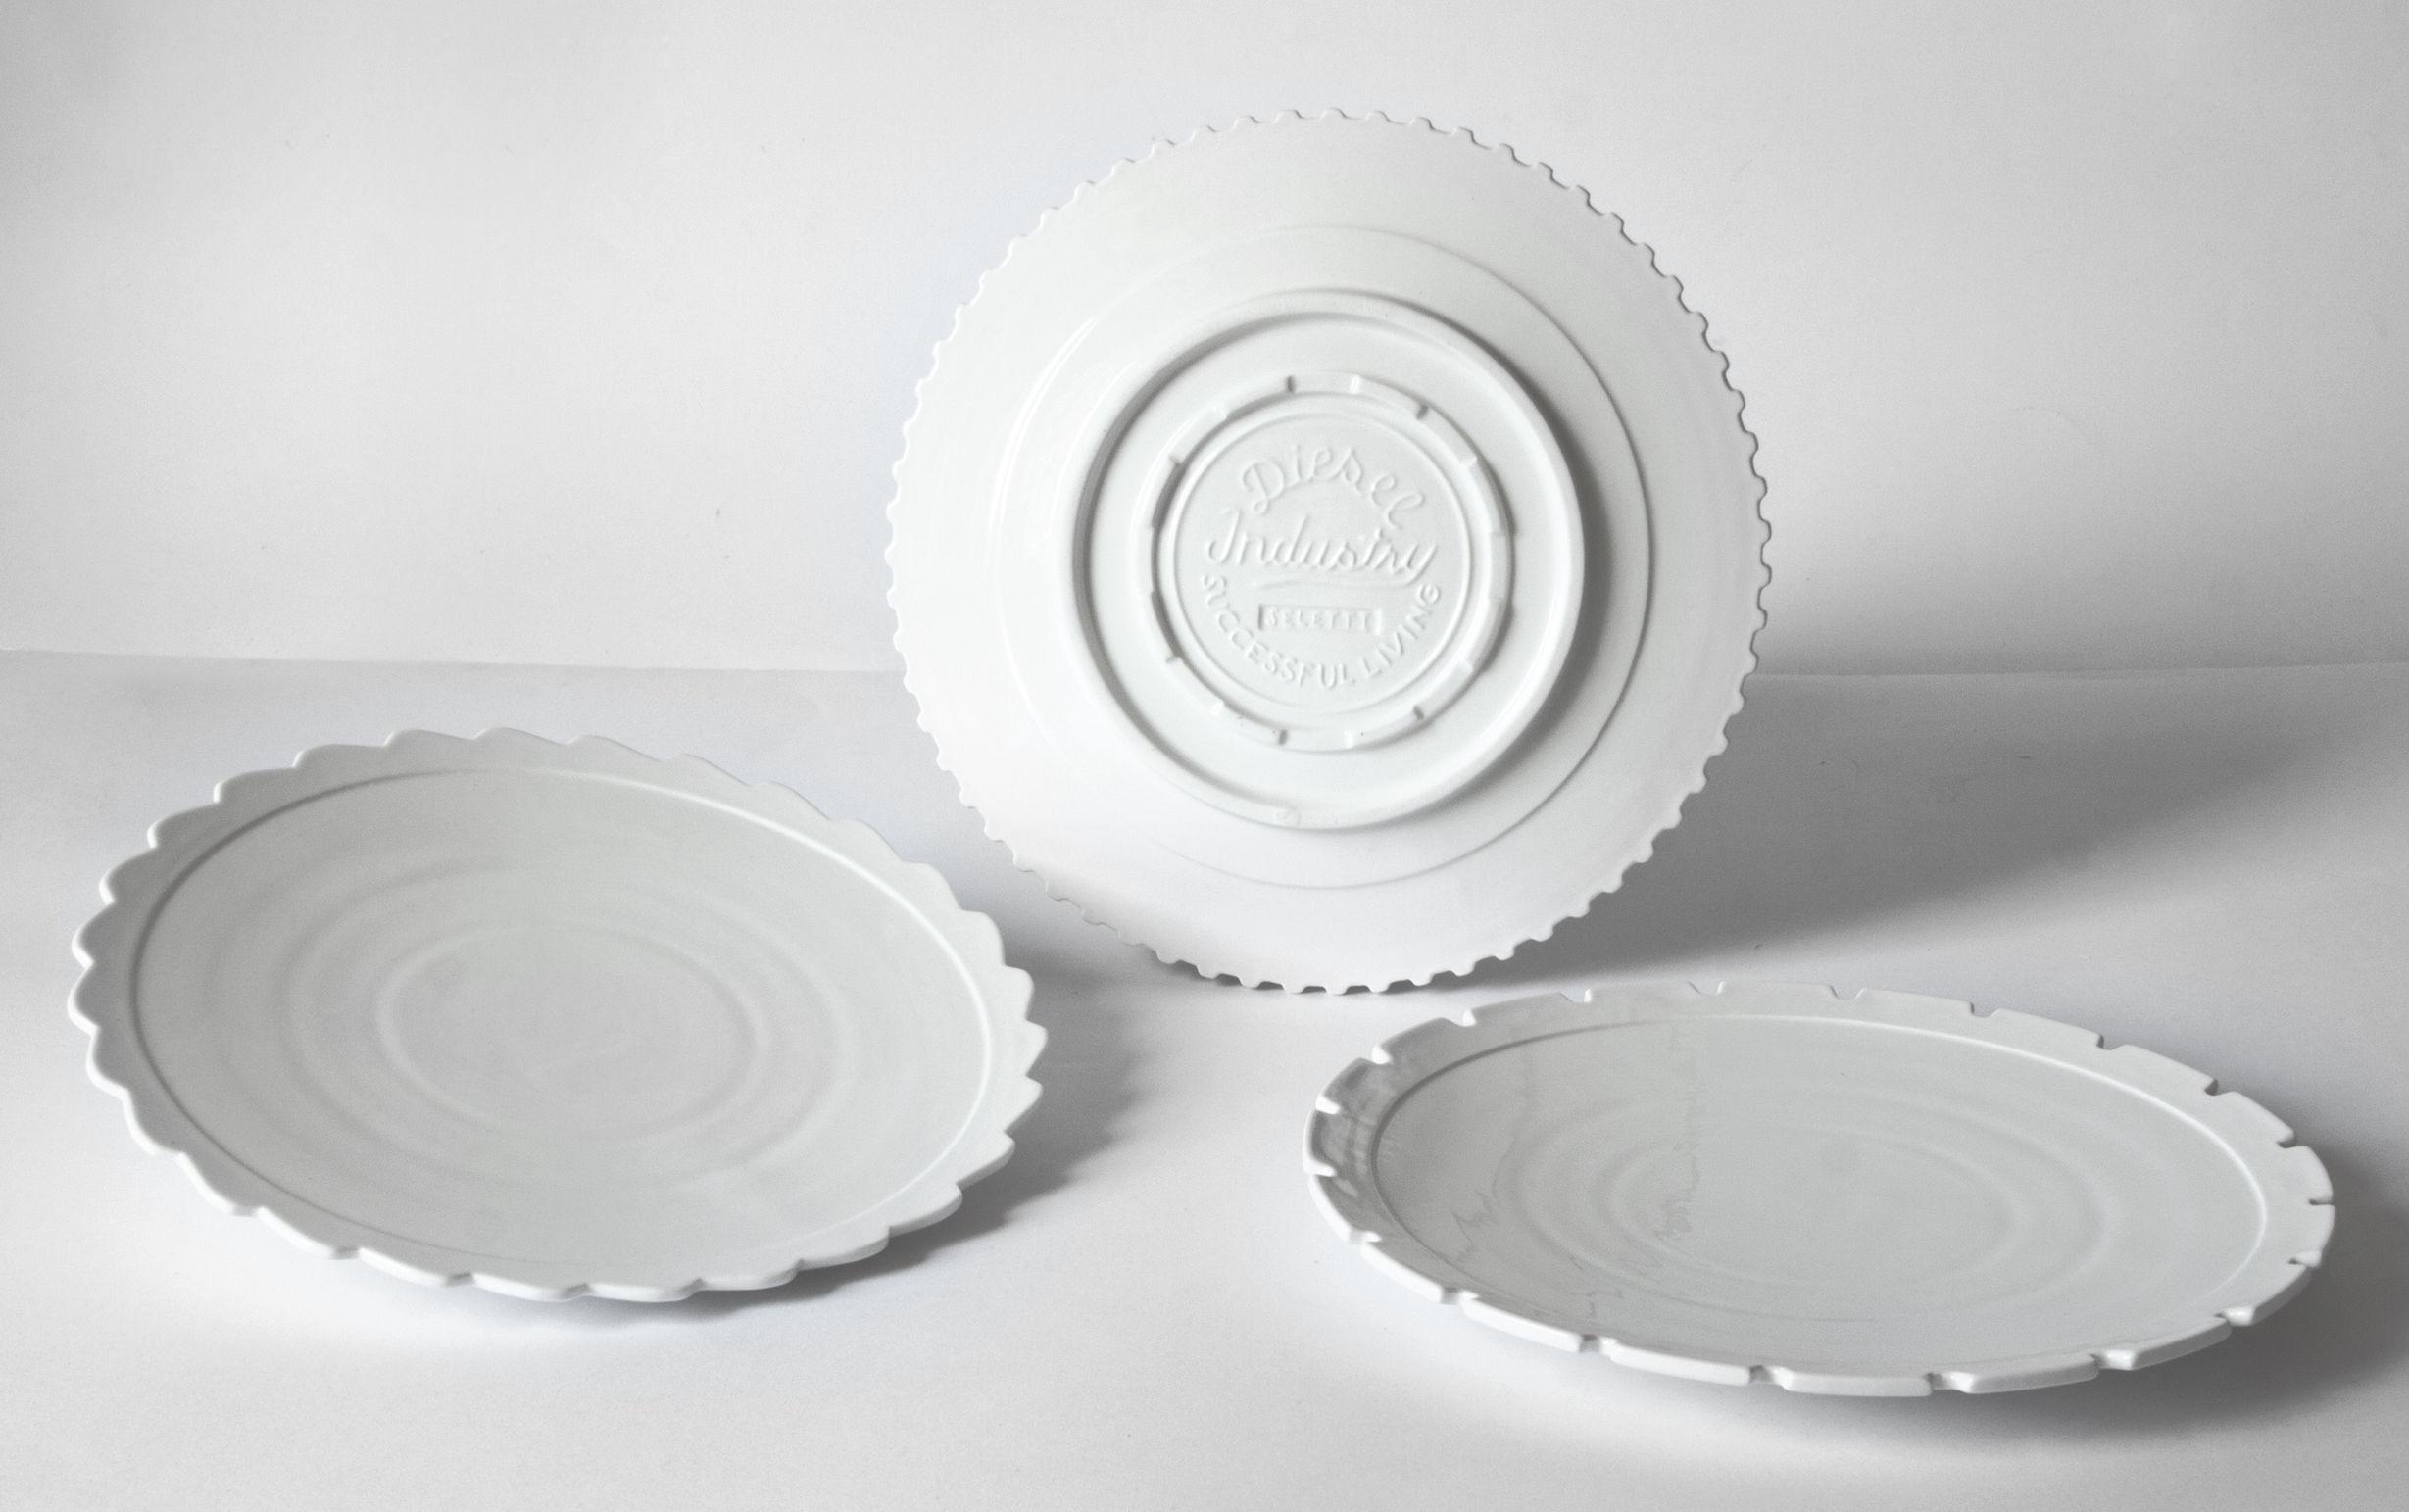 Tavola - Piatti  - Piatto Machine Collection - / Ø 27,2 cm - Set da 3 di Diesel living with Seletti - Bianco - Porcellana